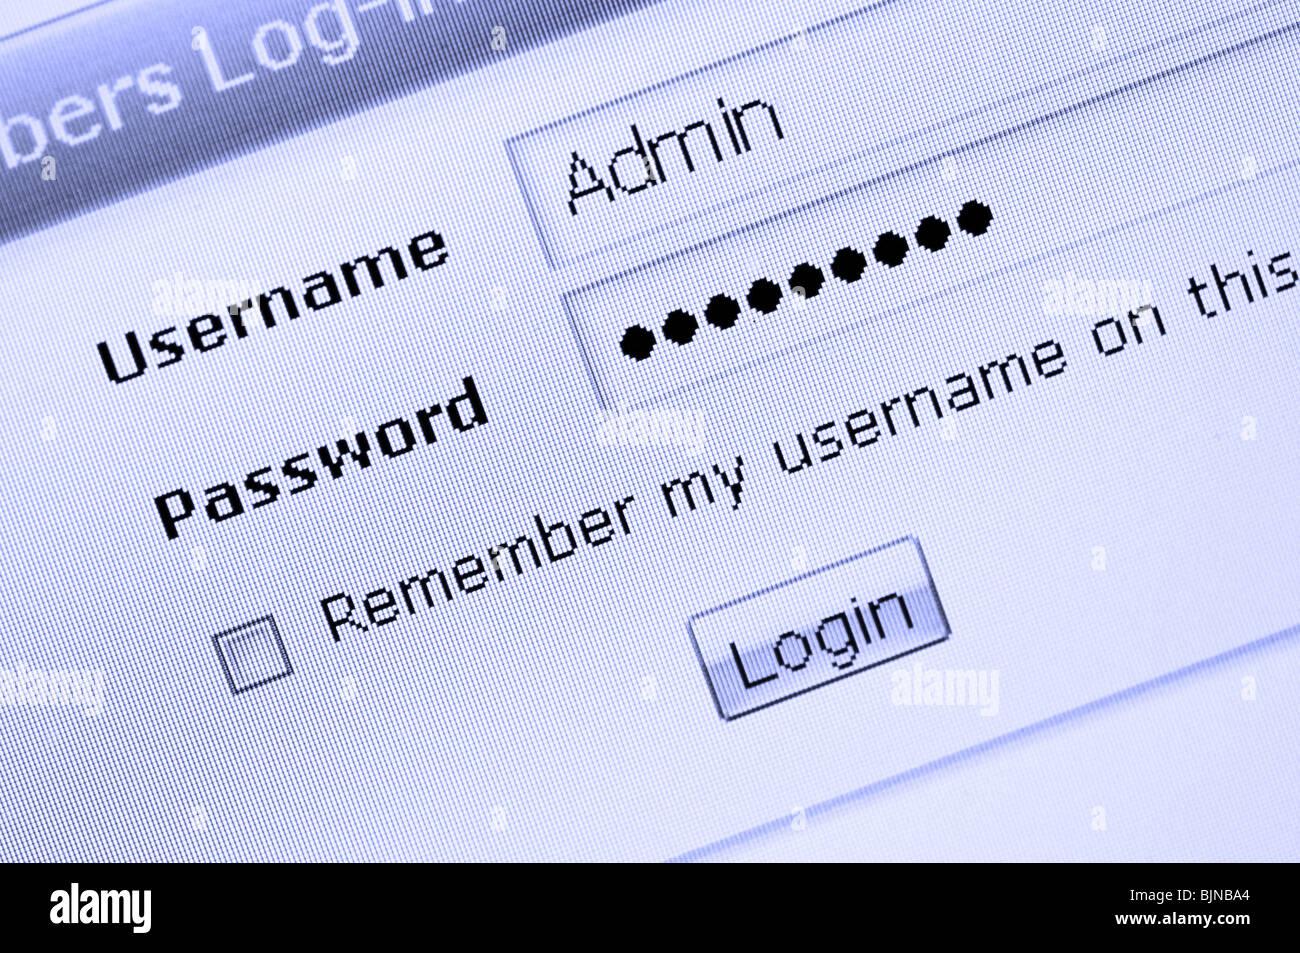 Web site login procedure entrance - Stock Image